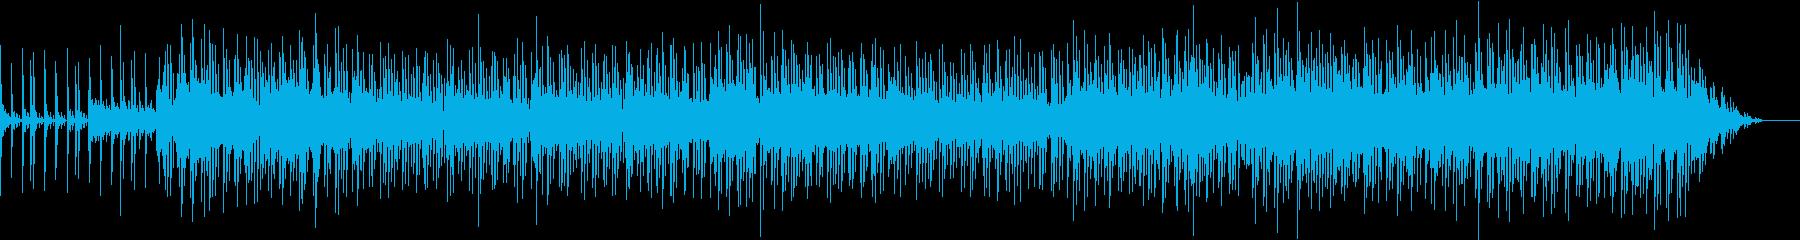 90年代風ポップスの再生済みの波形